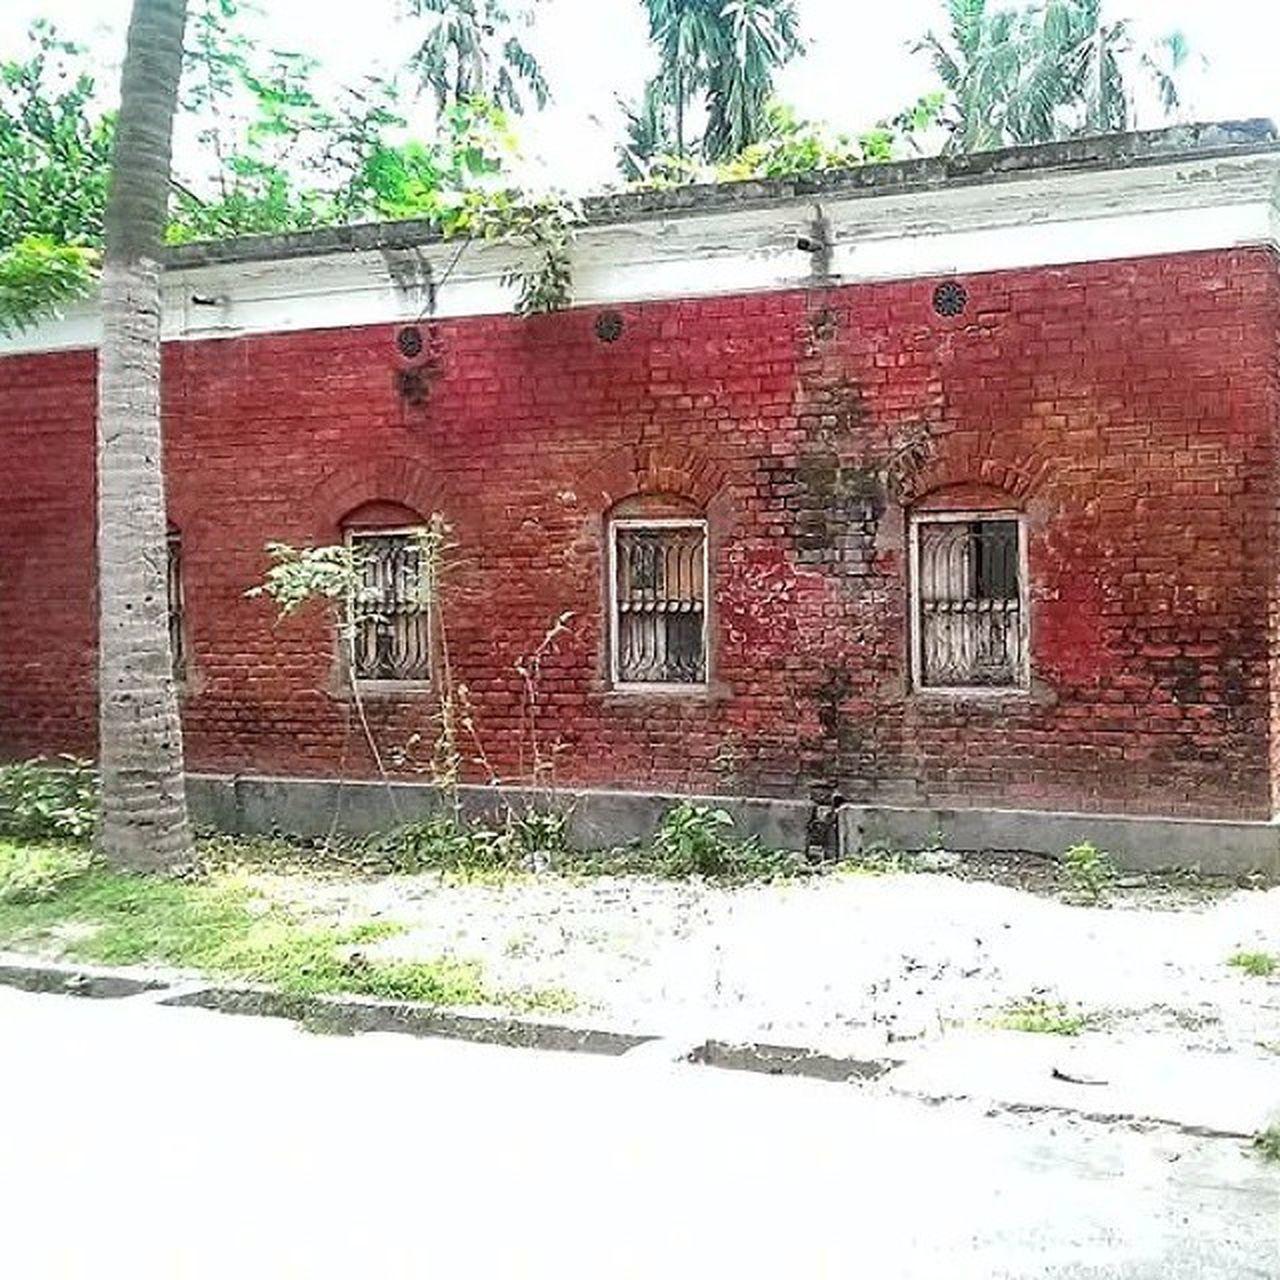 Red_brick_house_kushtia_Bangladesh Eyemtravel Eyeembangladesh Kushtia Redbrickwall Redbricks Houses And Windows Streetphotography Bangladesh